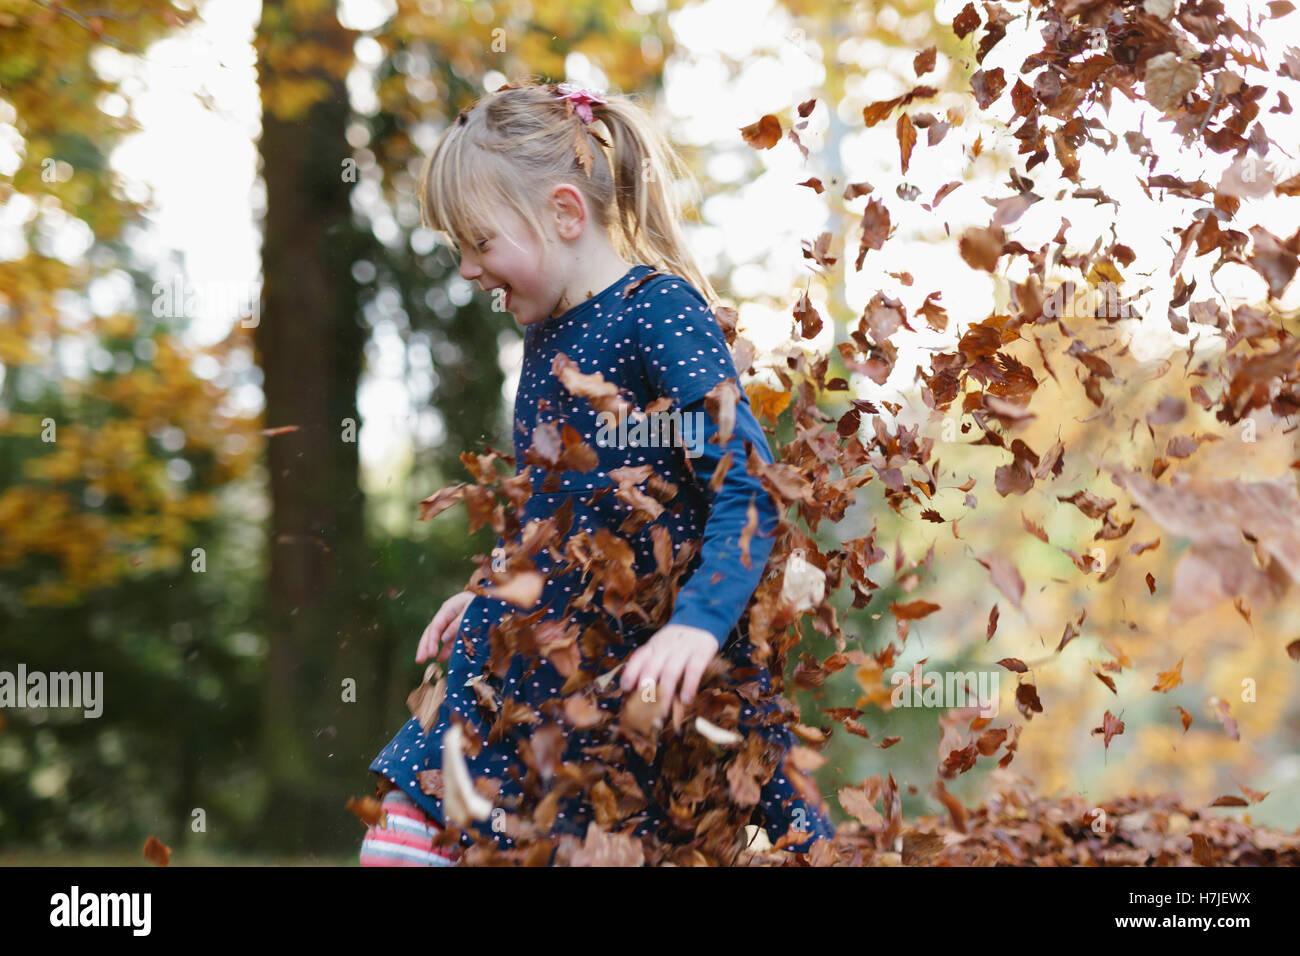 Felice l'autunno. Bambina giocando in foglie secche palo in autunno park. Immagini Stock